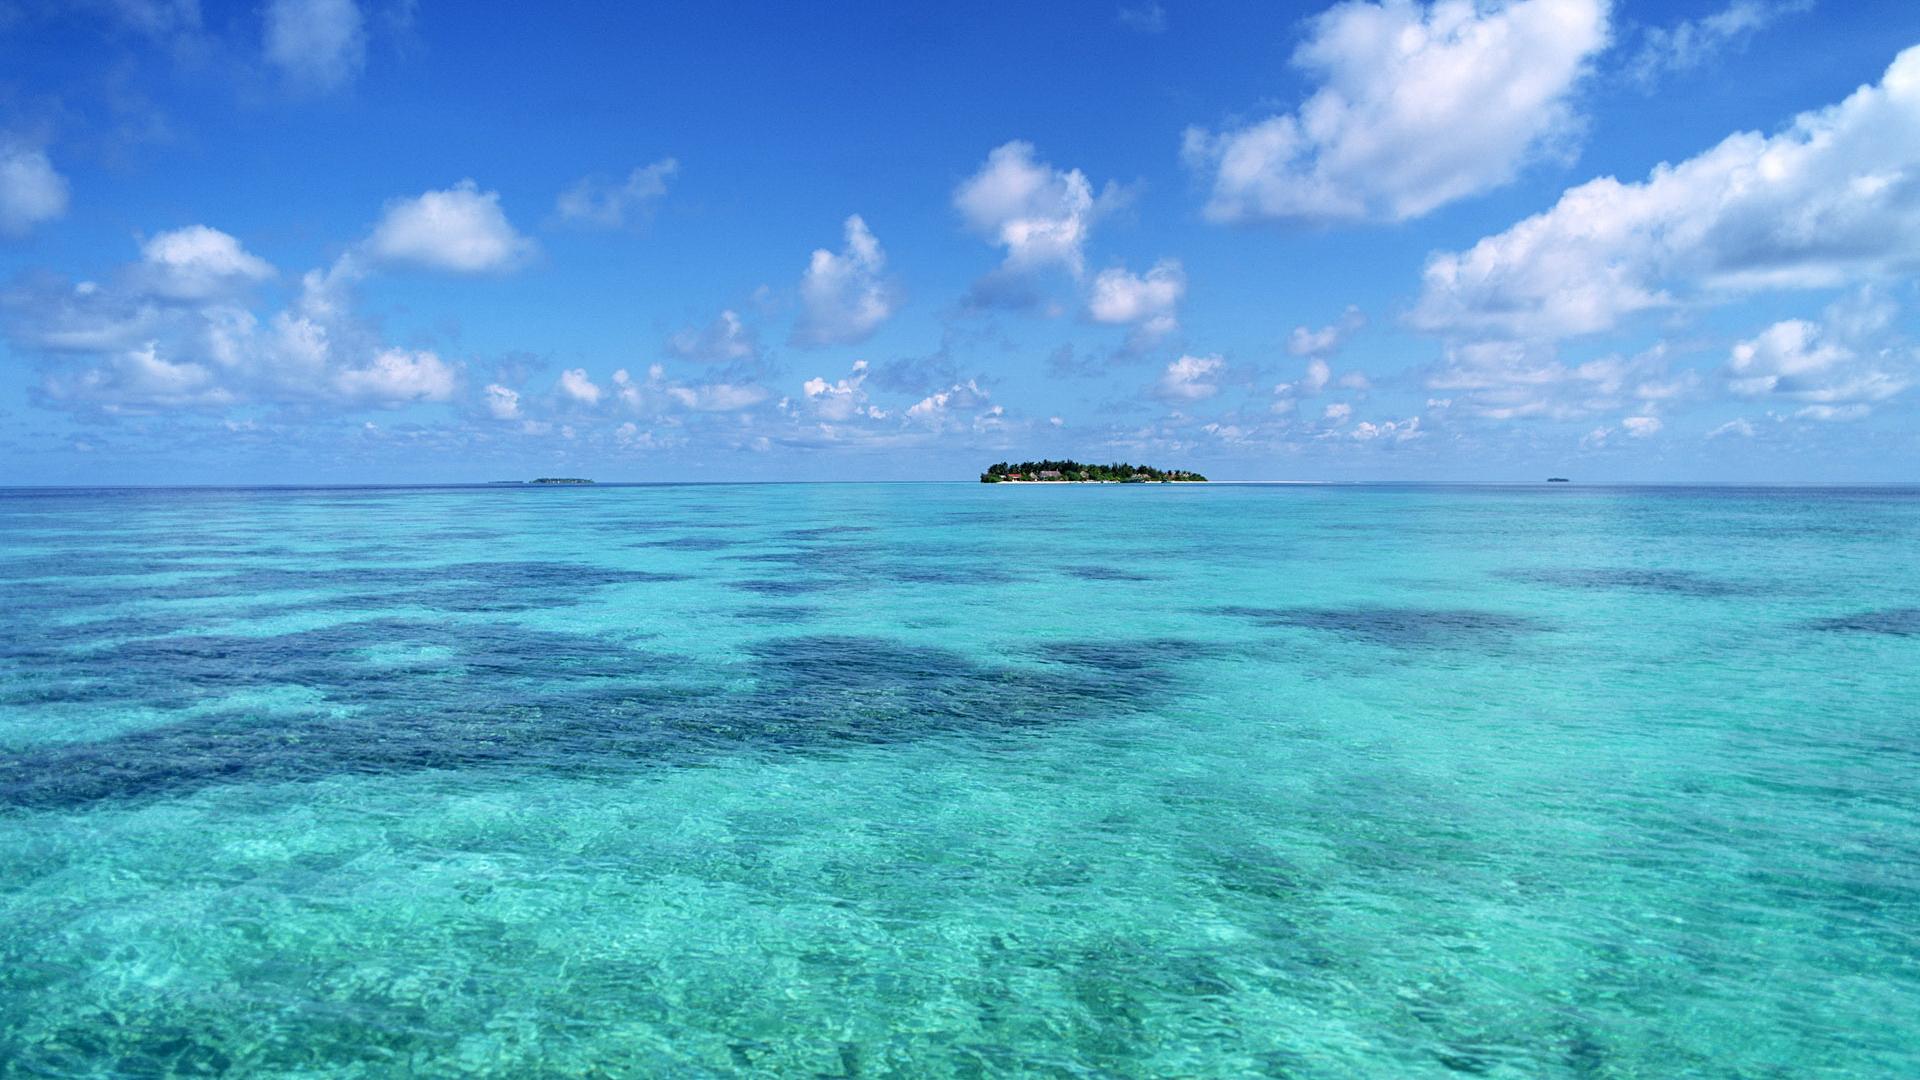 Water Ocean Wallpaper 1920x1080 Water Ocean Horizon Sea Islands 1920x1080